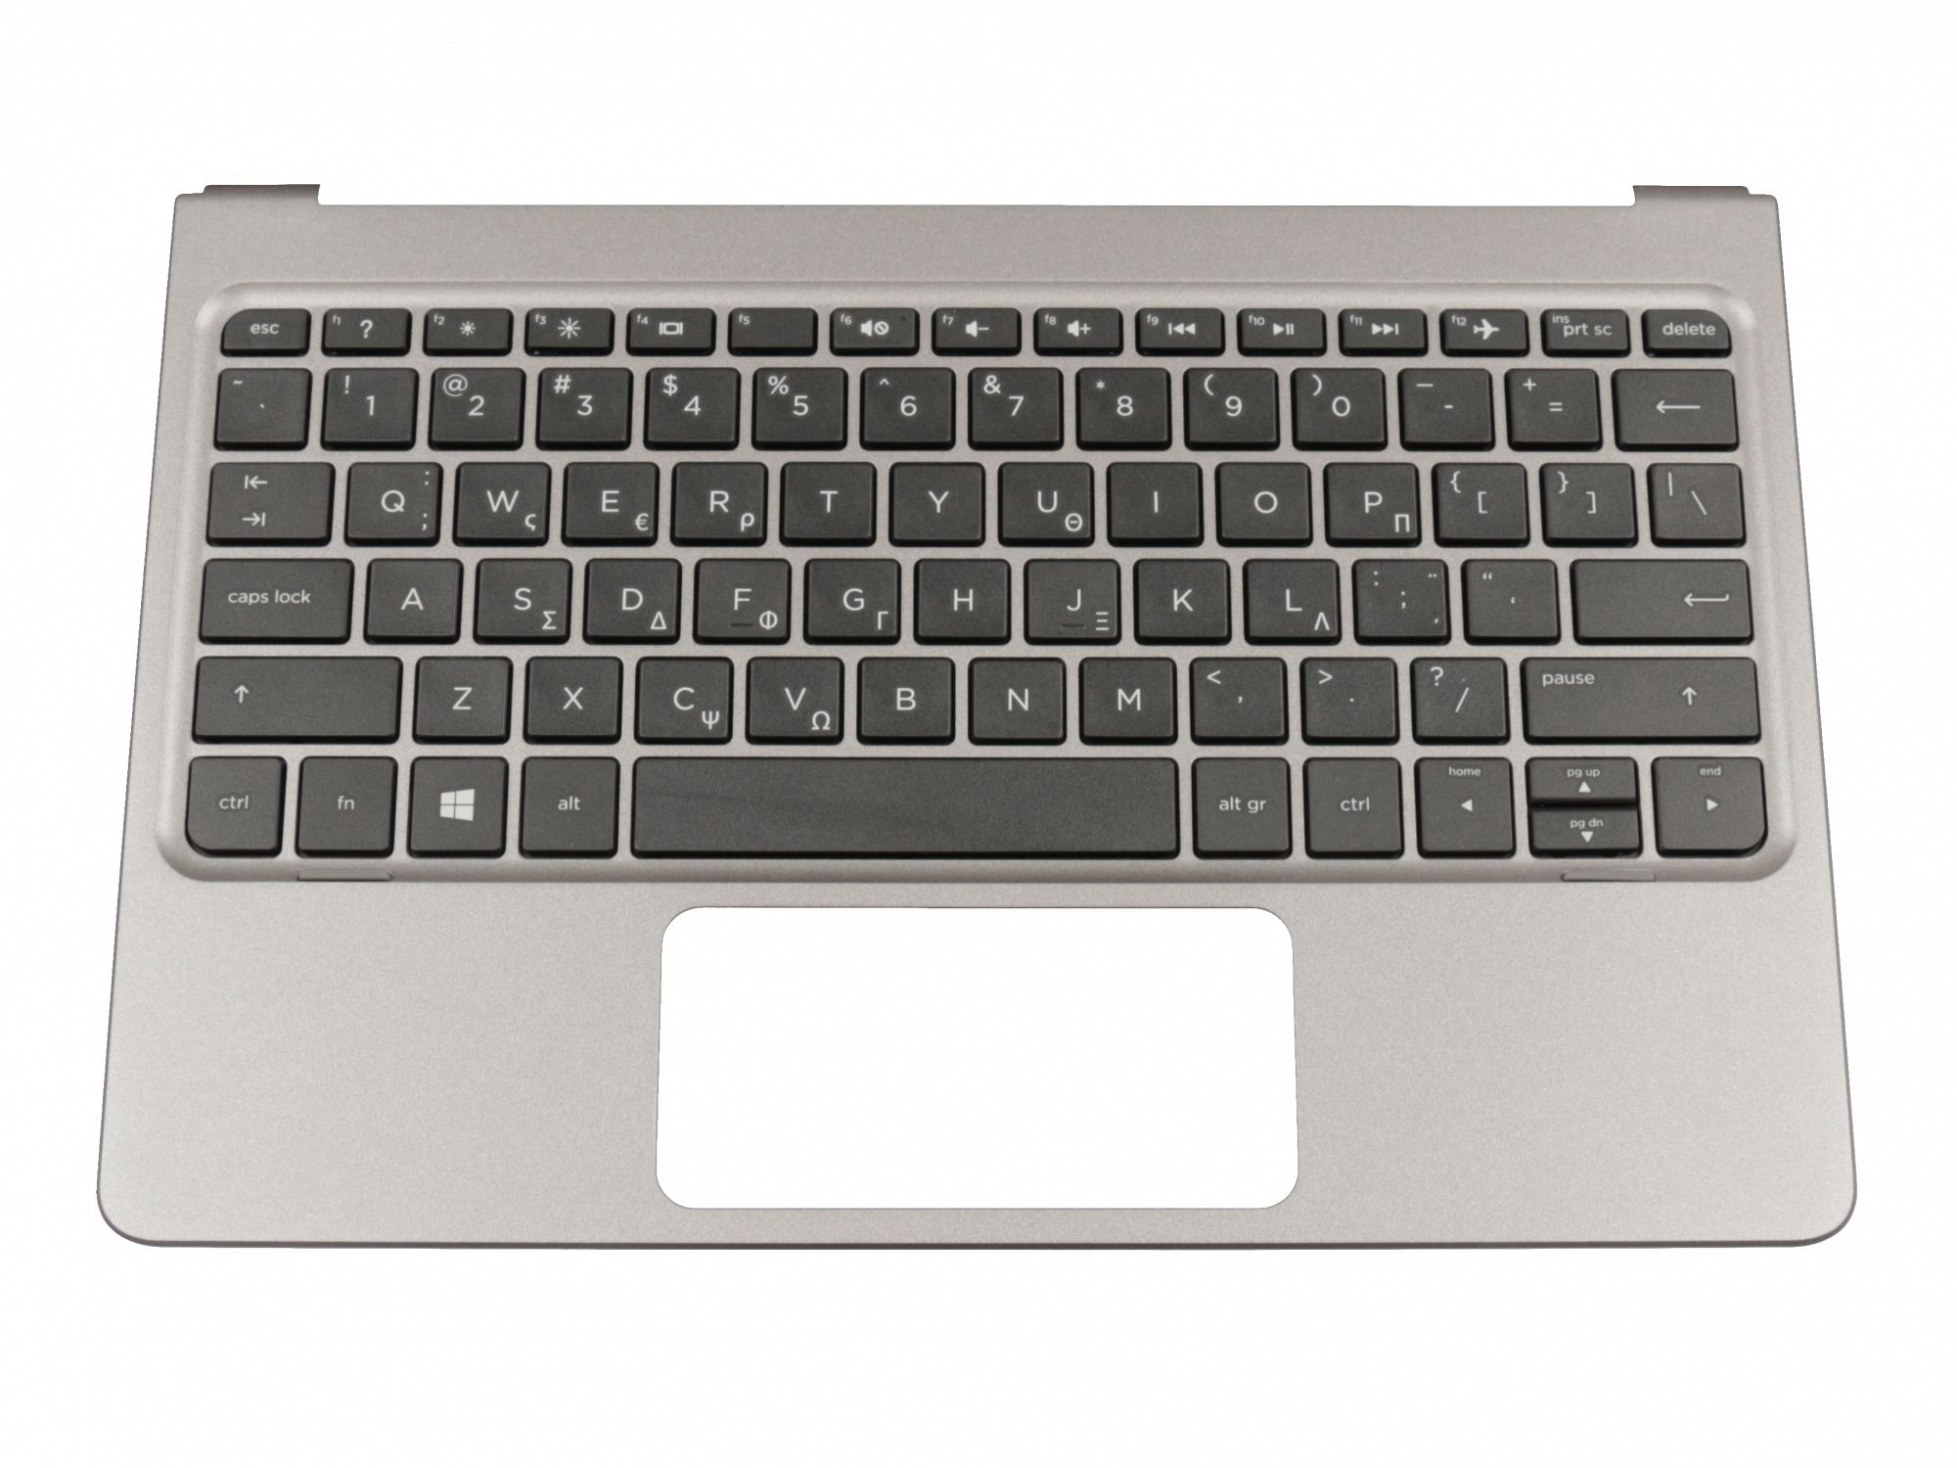 HP NSK-CS5SV Tastatur inkl. Topcase GR (griechisch) schwarz/grau Original